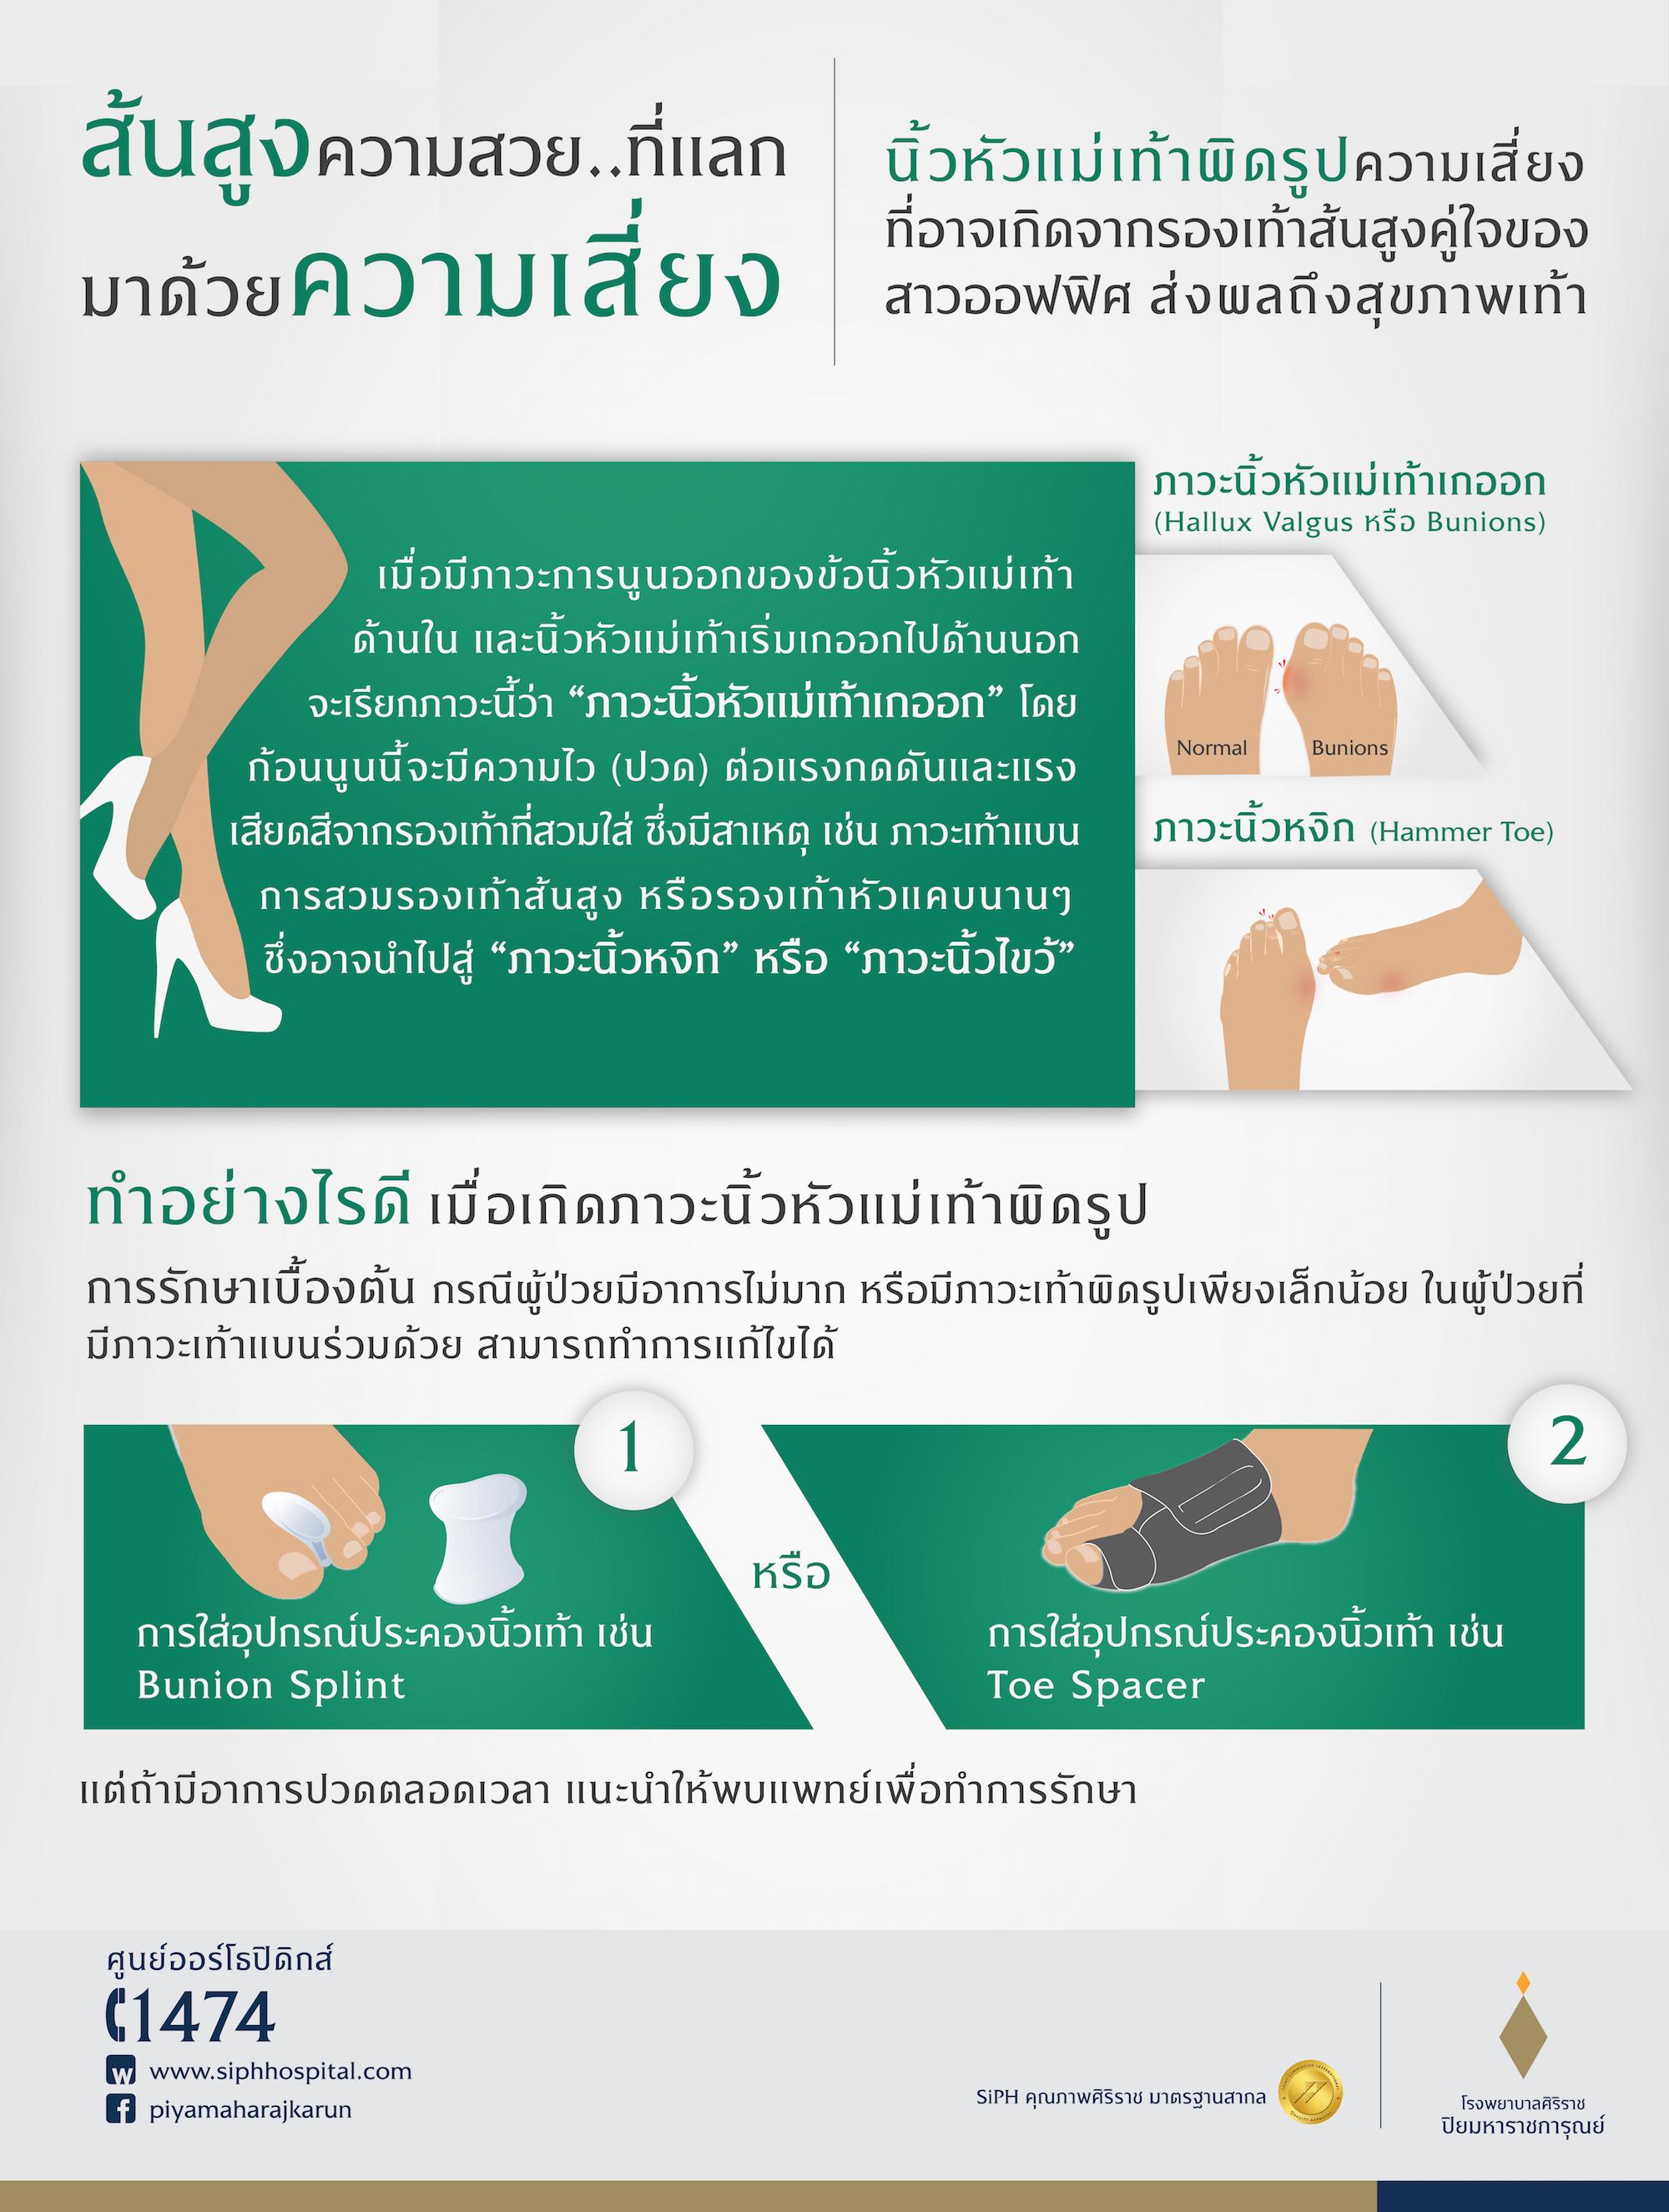 #ศูนย์ออร์โธปิดิกส์ #โรงพยาบาลศิริราช ปิยมหาราชการุณย์ #ใส่ส้นสูงนานๆ #นิ้วหัวแม่เท้าผิดรูป #รองเท้าส้นสูง #สุขภาพเท้า #นิ้วหัวแม่เท้าเก #นิ้วเท้าหงิก #นิ้วเท้าไขว้ #ปวดเท้า #รักษานิ้วเท้าผิดรูป #นิ้วหัวแม่เท้าผิดรูป การรักษา #Hallux Valgus